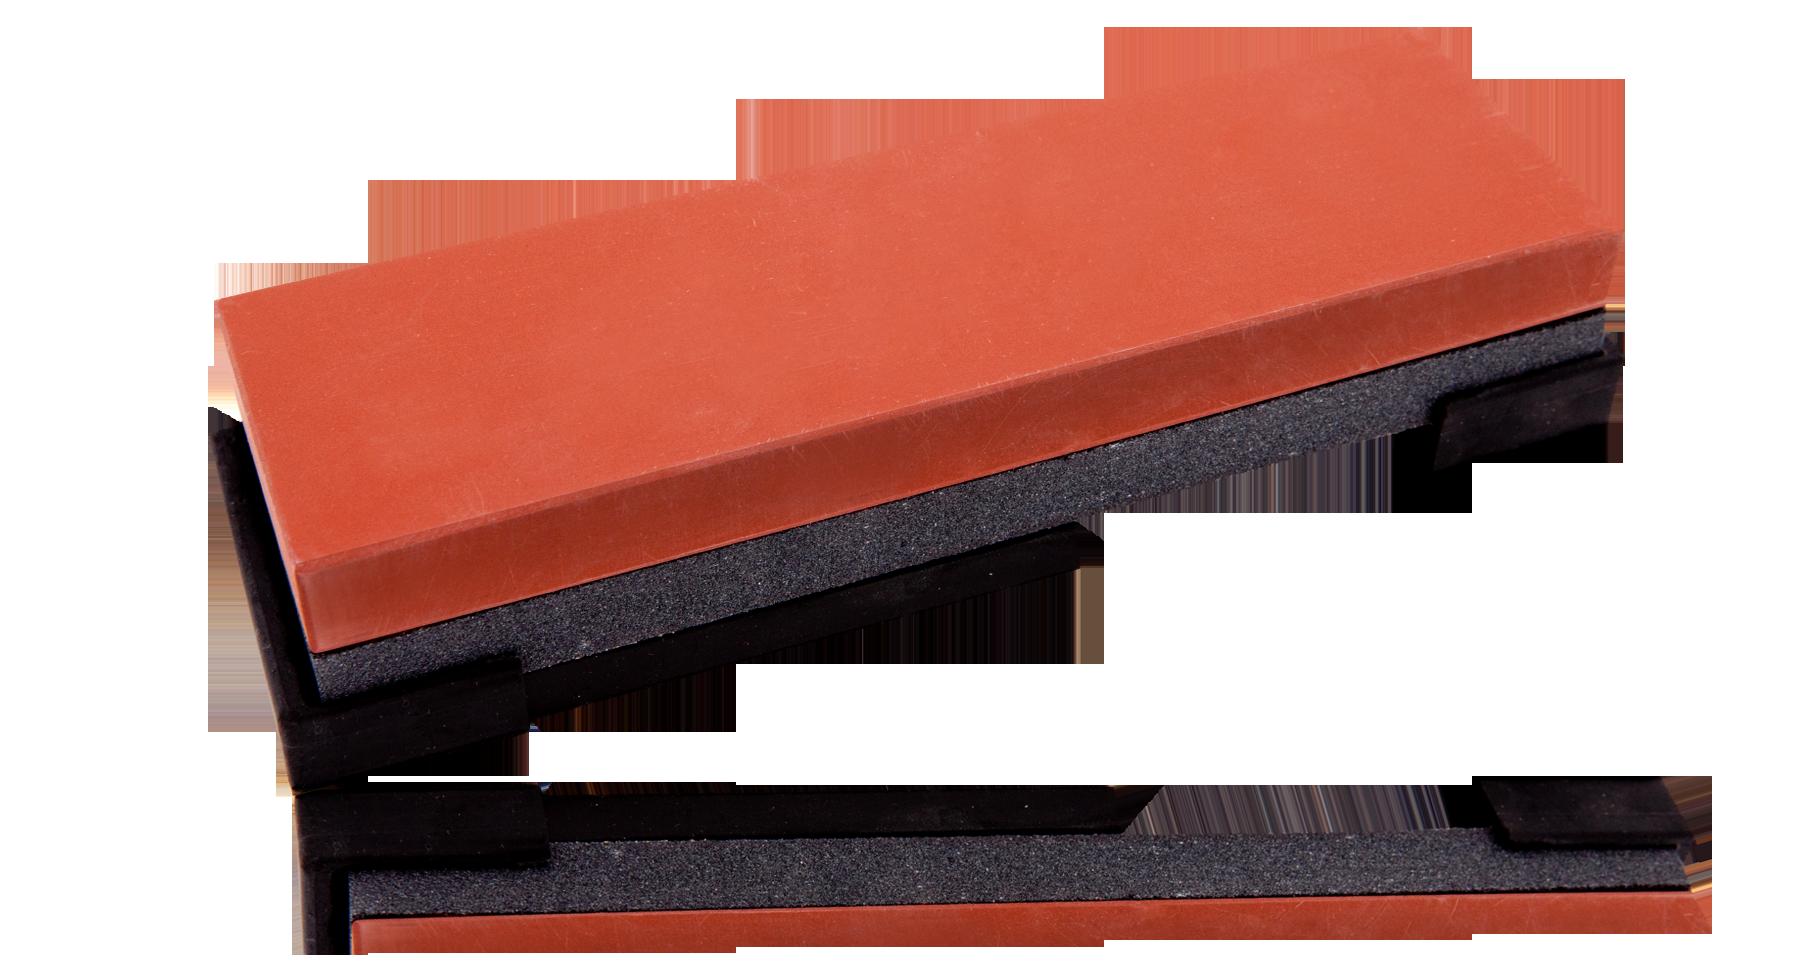 Камень точильный рабочий 210*65*33мм комбинированный грубый/средний #0120/1000